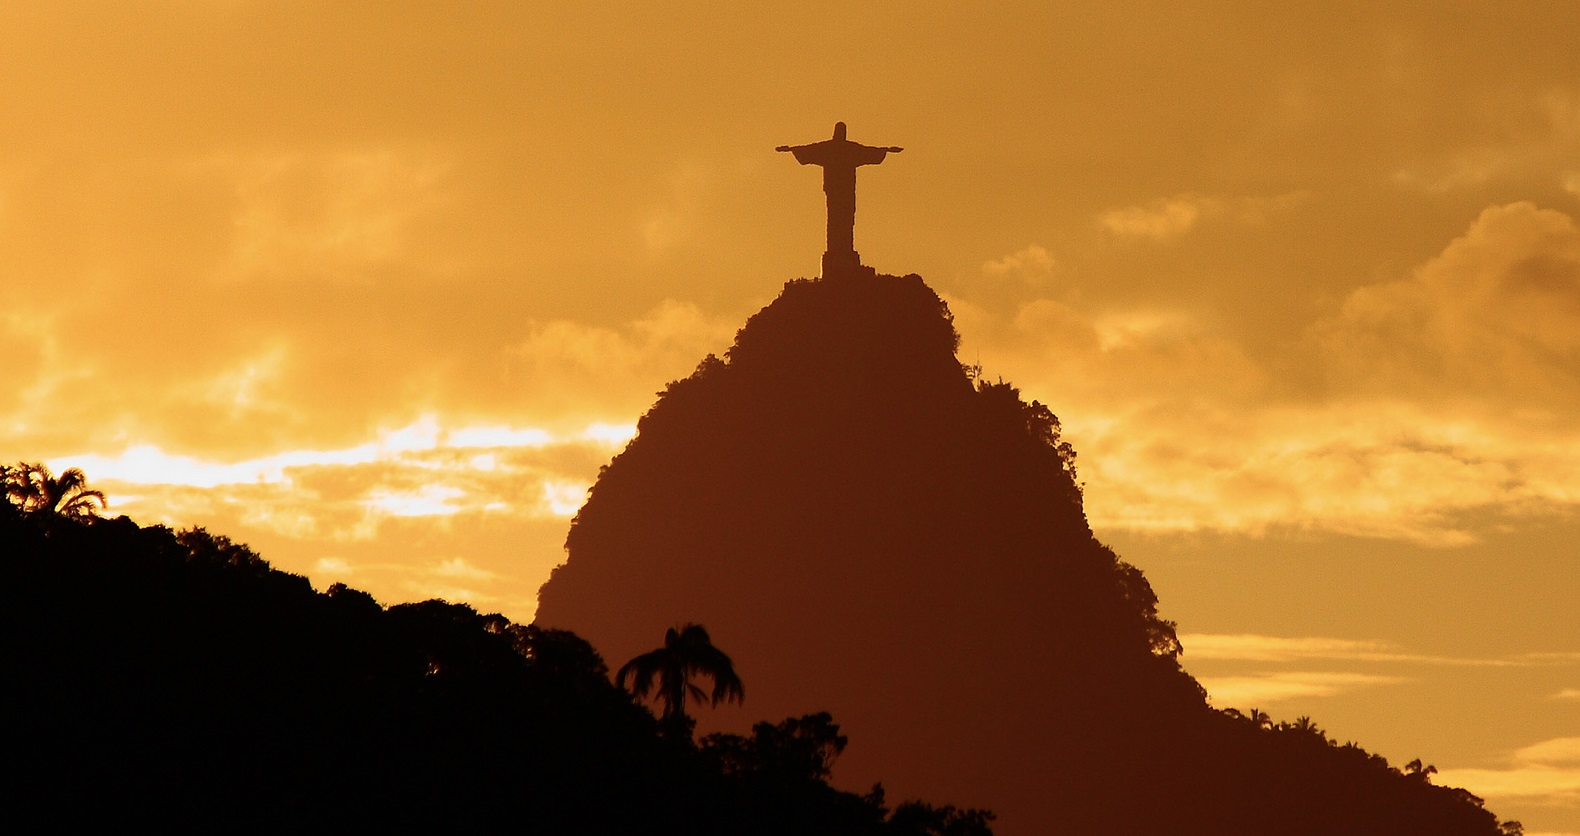 Christ-redeemer-statue-rio-de-janeiro-brazil